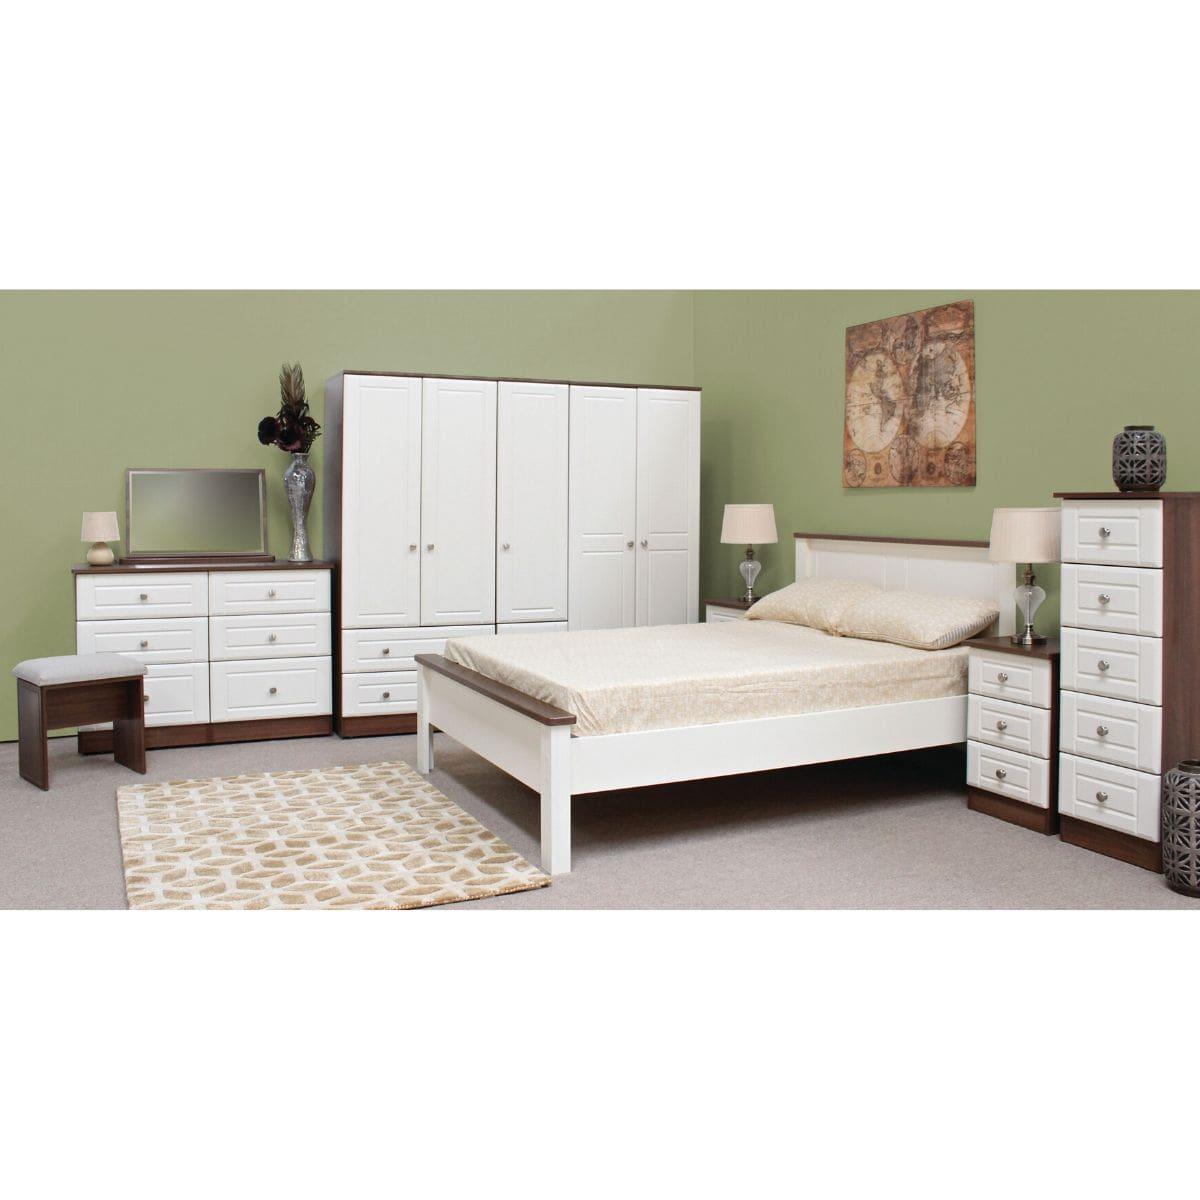 Lee Bed Frame Walnut & Ivory